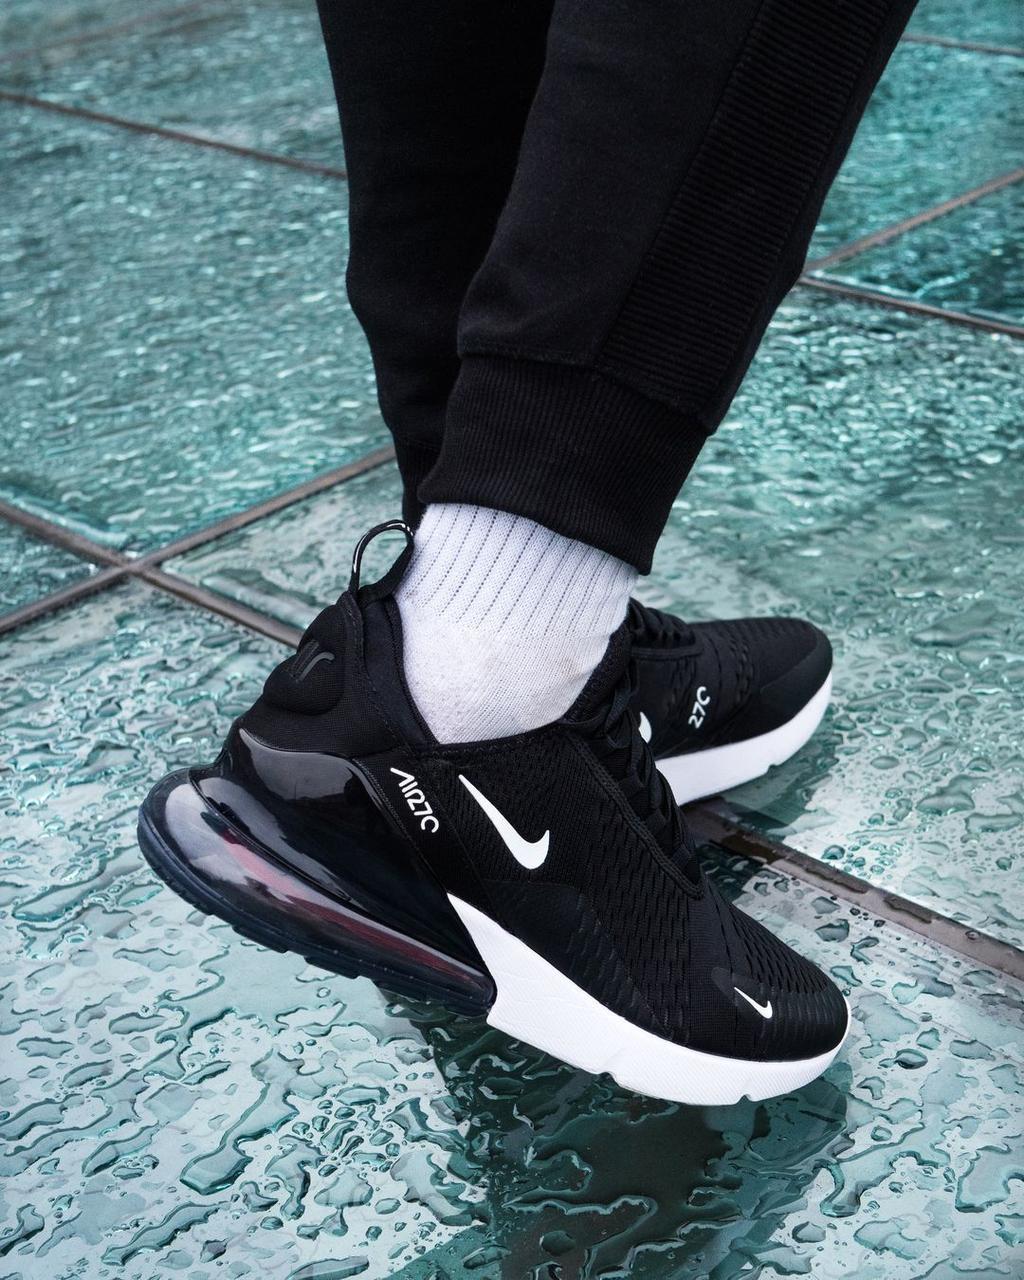 Кросівки чоловічі Nіke Air Max 270 в стилі найк аір макс чорні (Репліка ААА+)